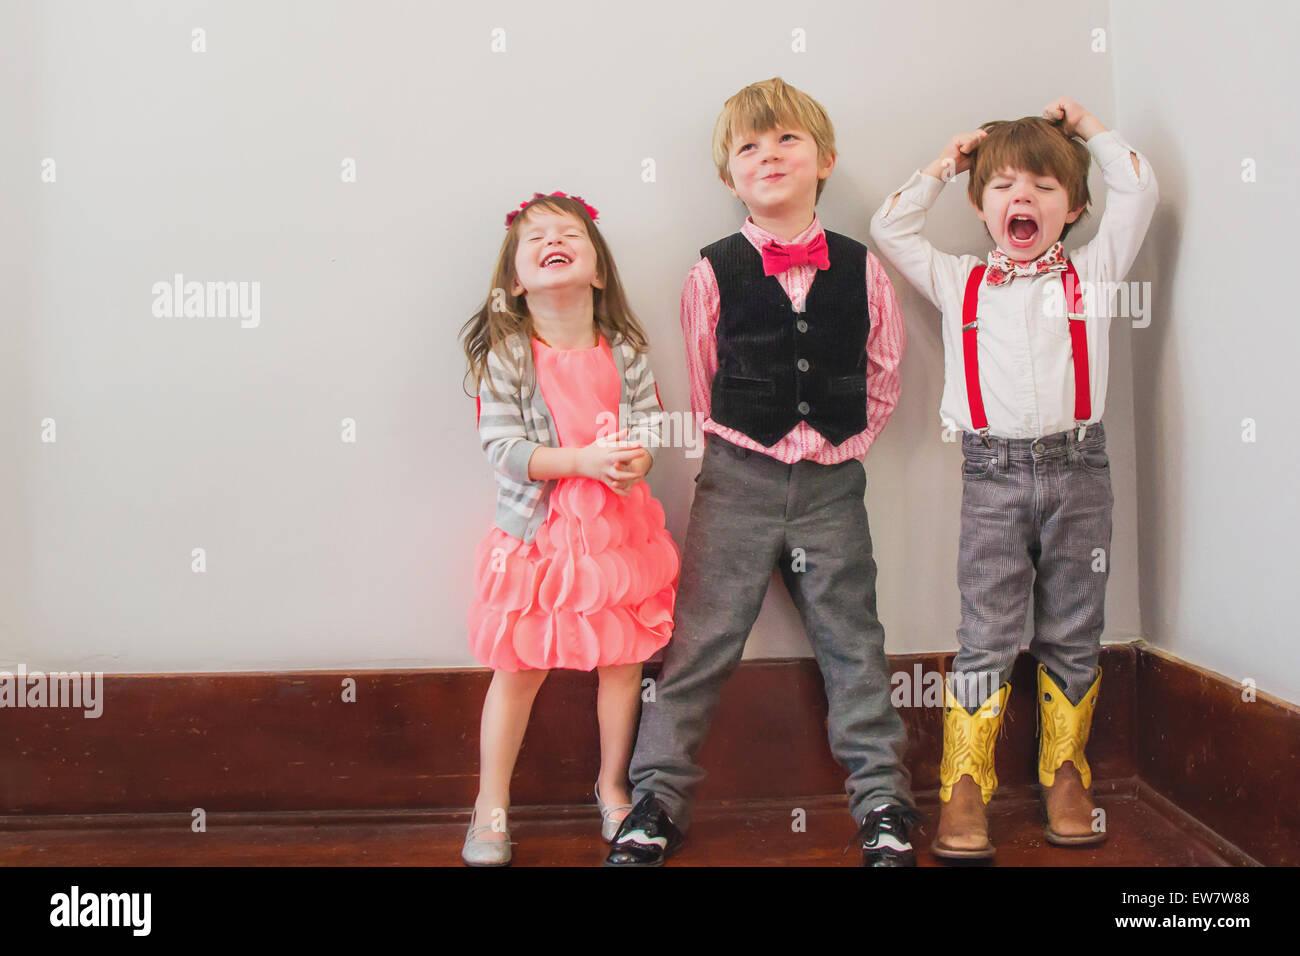 Tres niños en Fancy Dress jugando Imagen De Stock